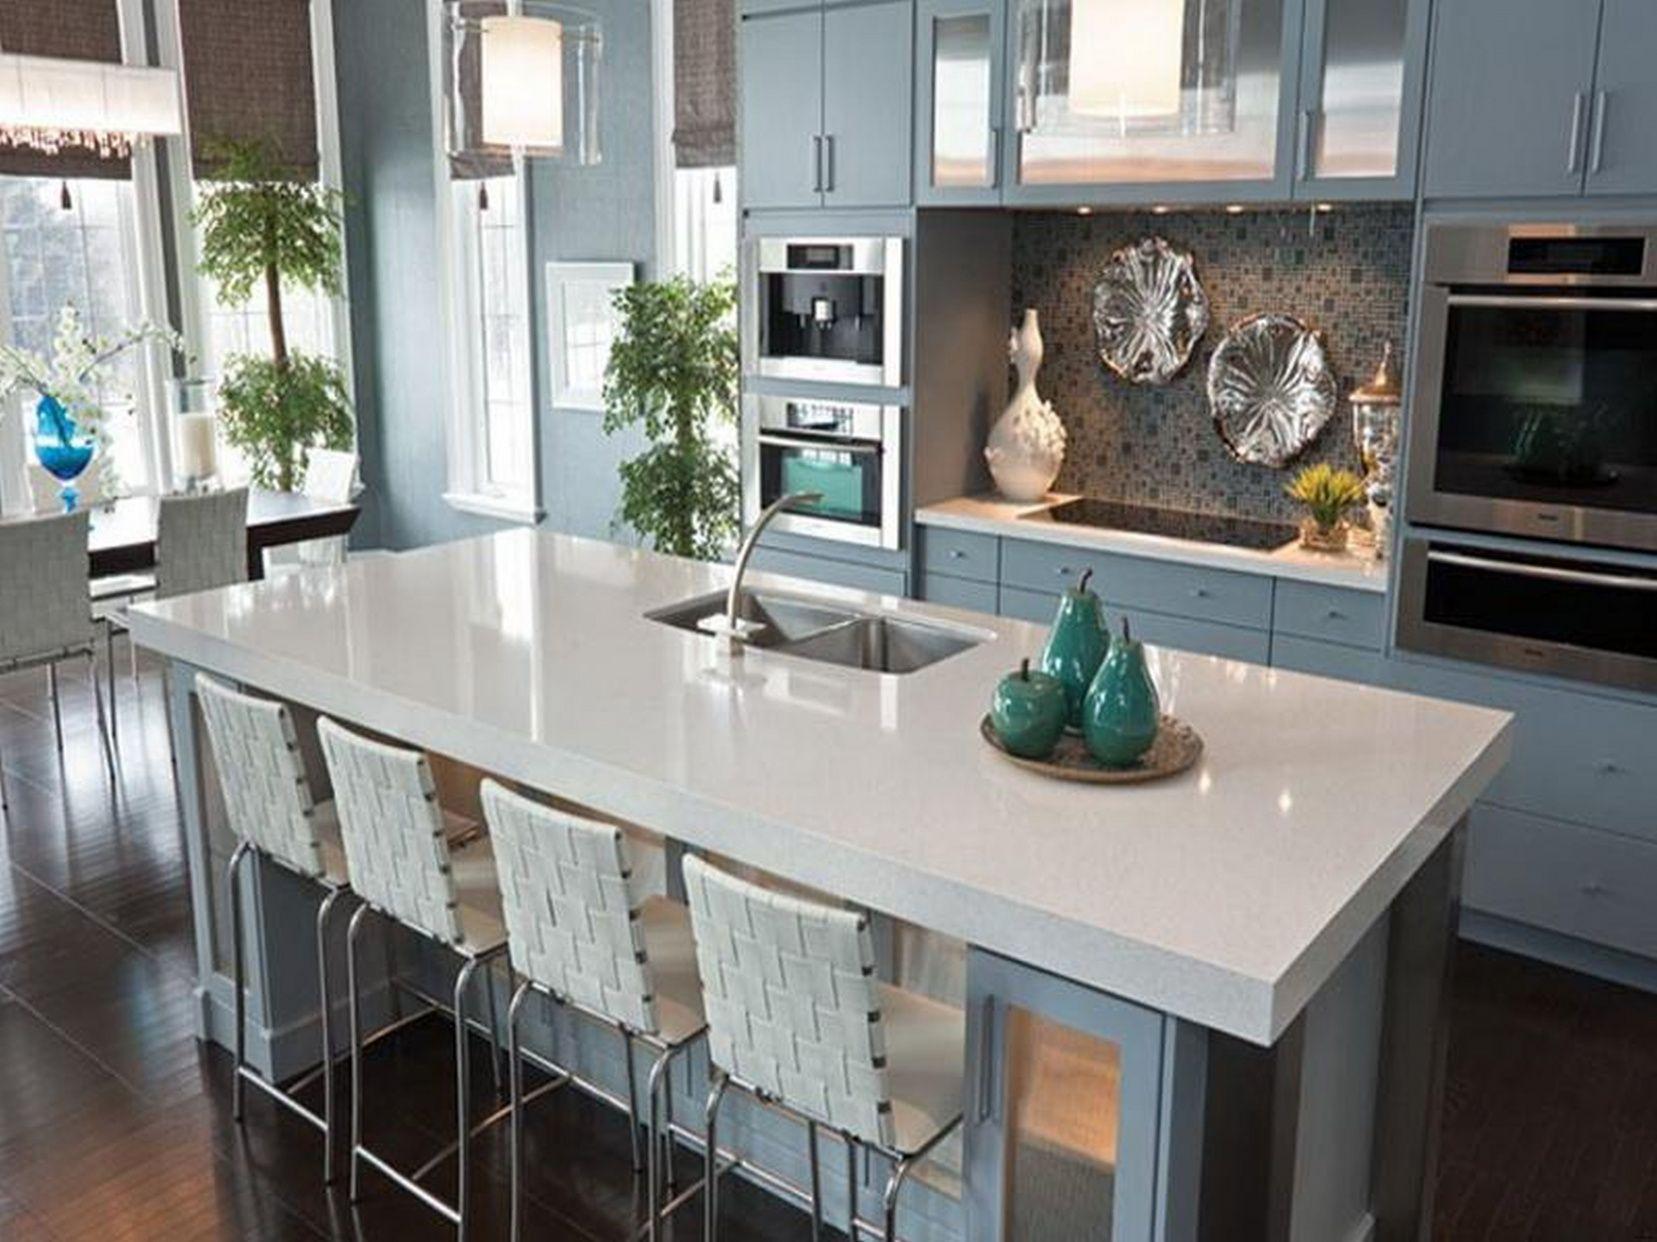 white sparkle quartz countertops kitchen decor theme ideas